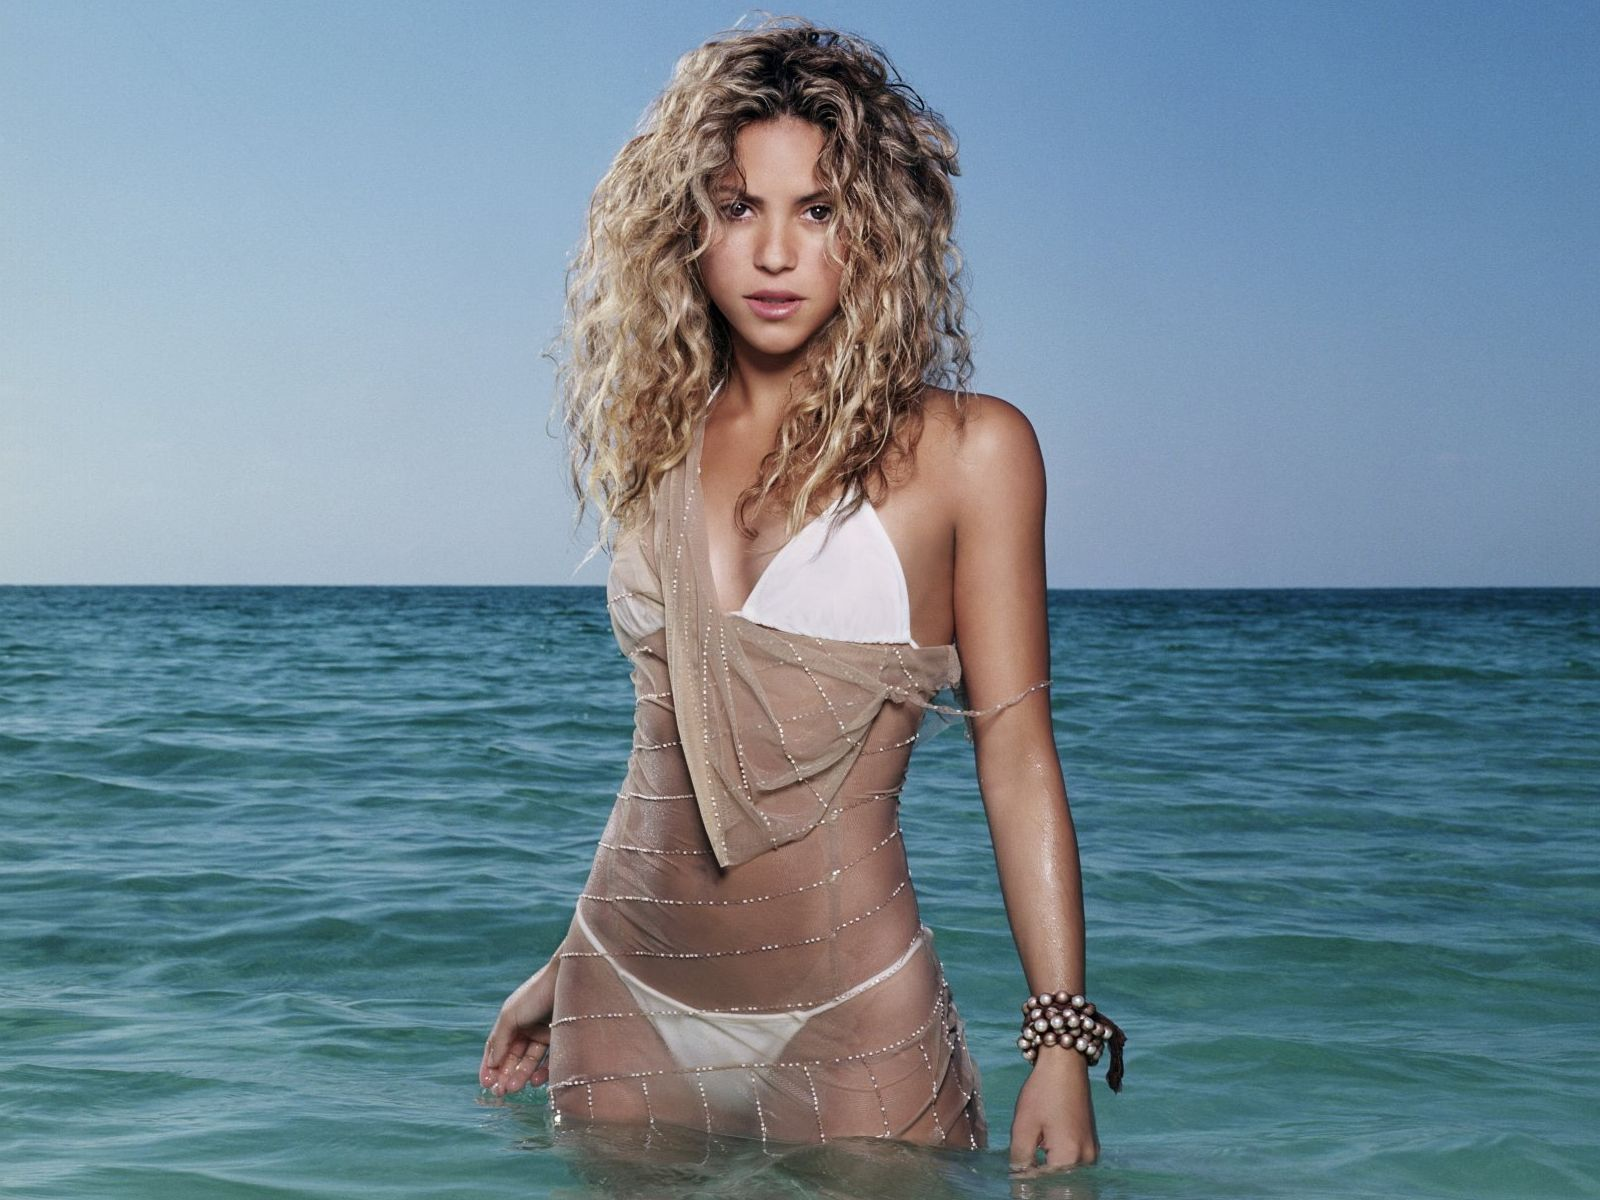 Latest Actress Hot Photos: Shakira Latest Hot Photos